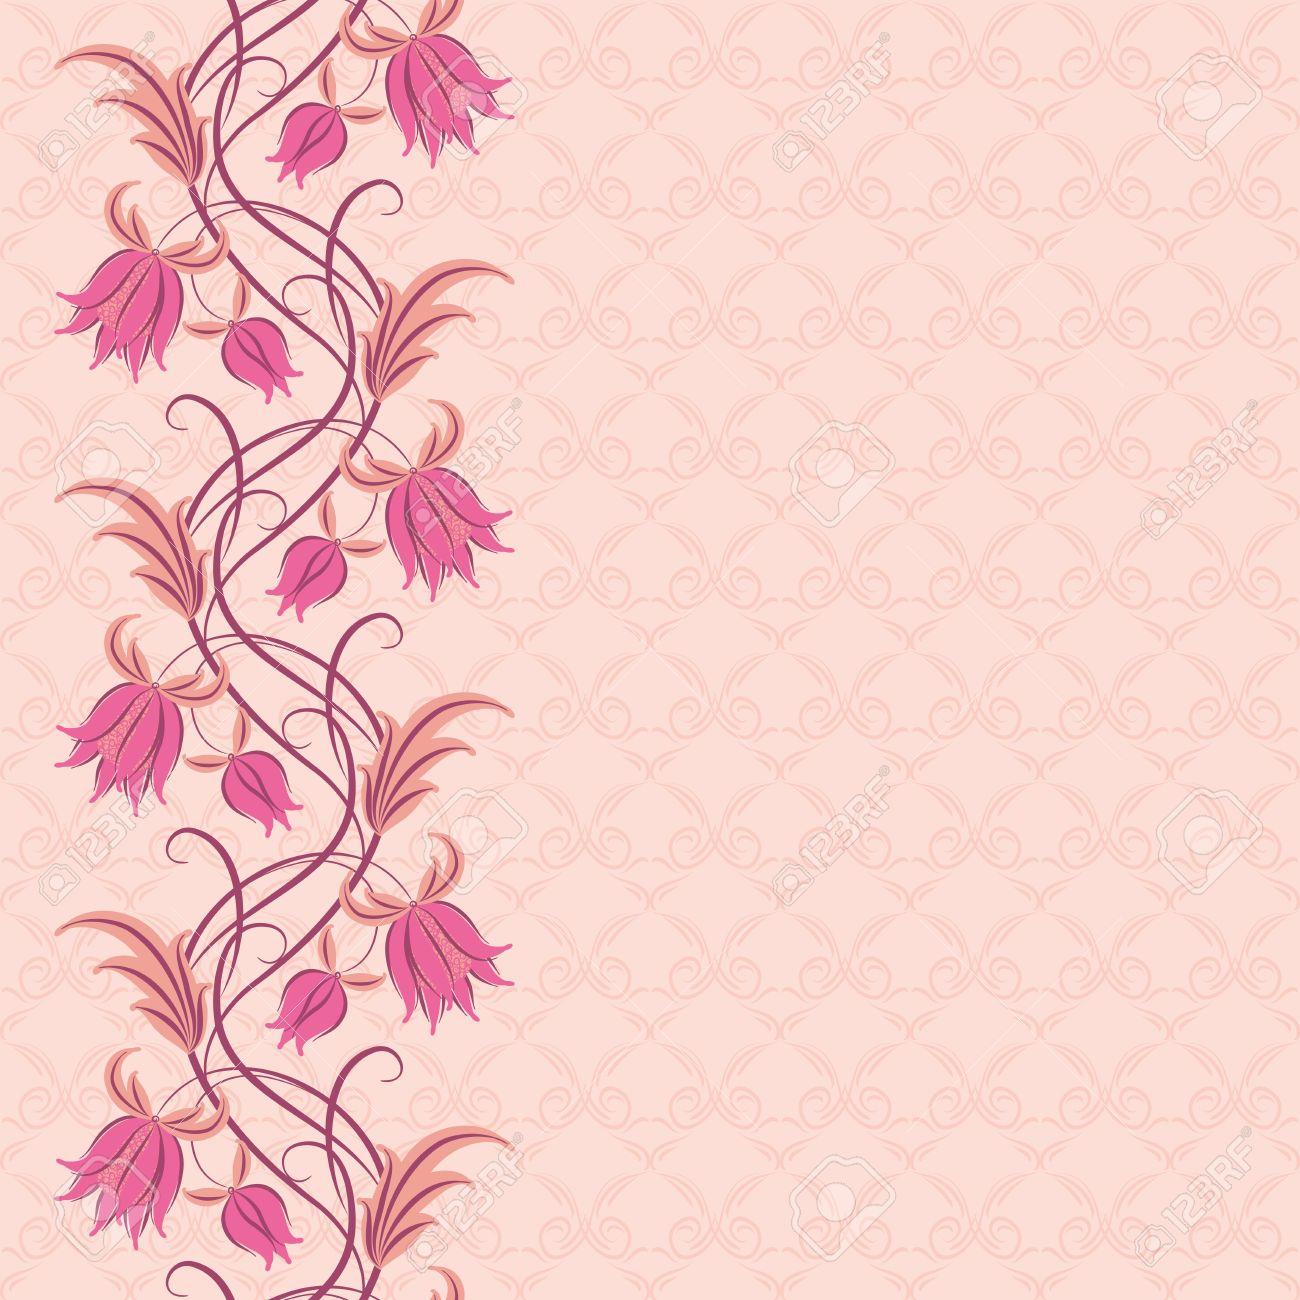 Pink Floral Design Trisaorddiner